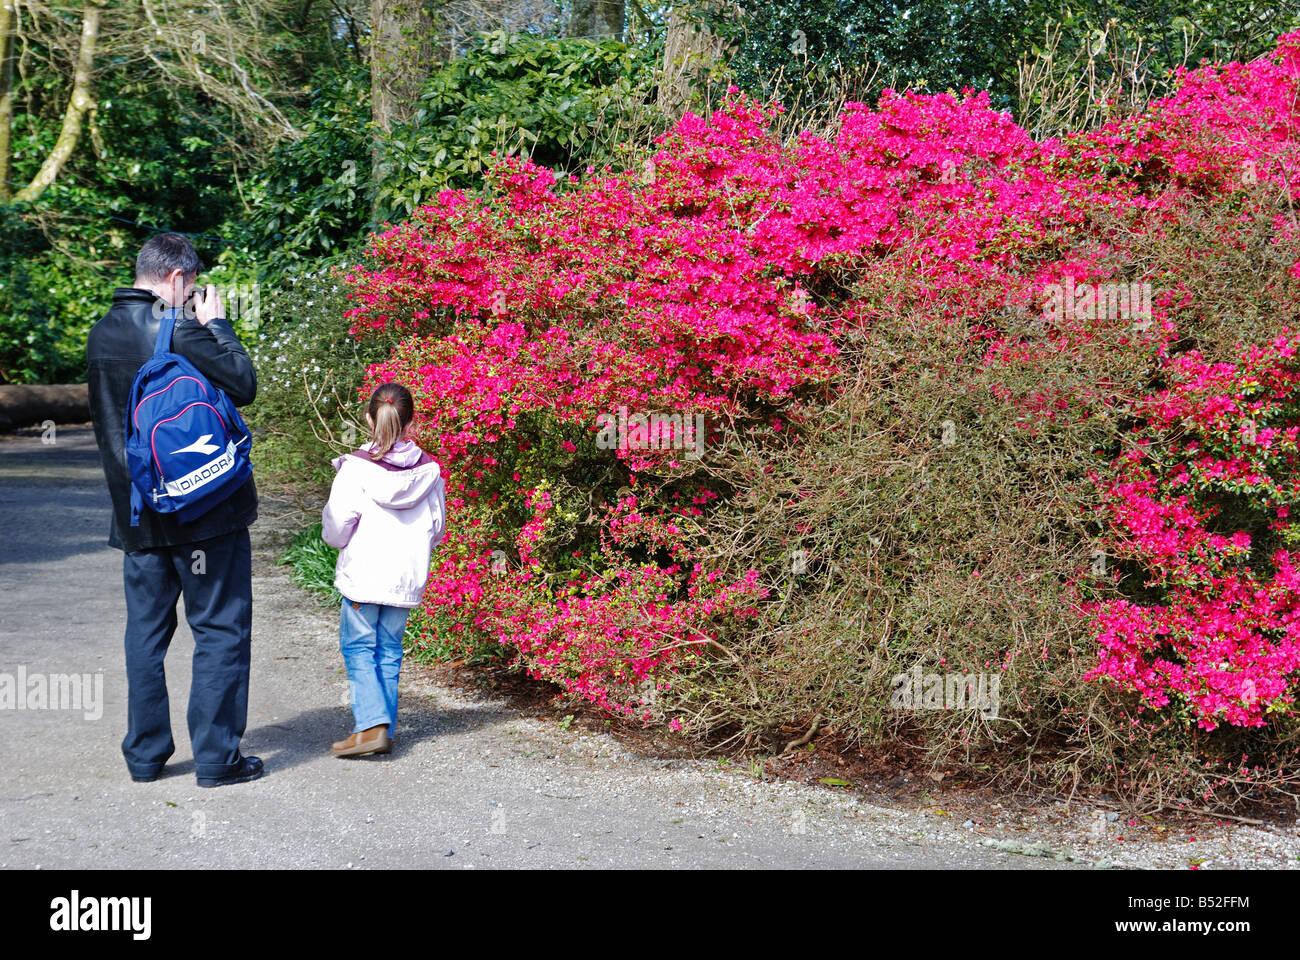 ein Mann mit dem Fotografieren eines Strauches Azalee in Trevarno Gärten in der Nähe von Helston in Cornwall, Stockbild